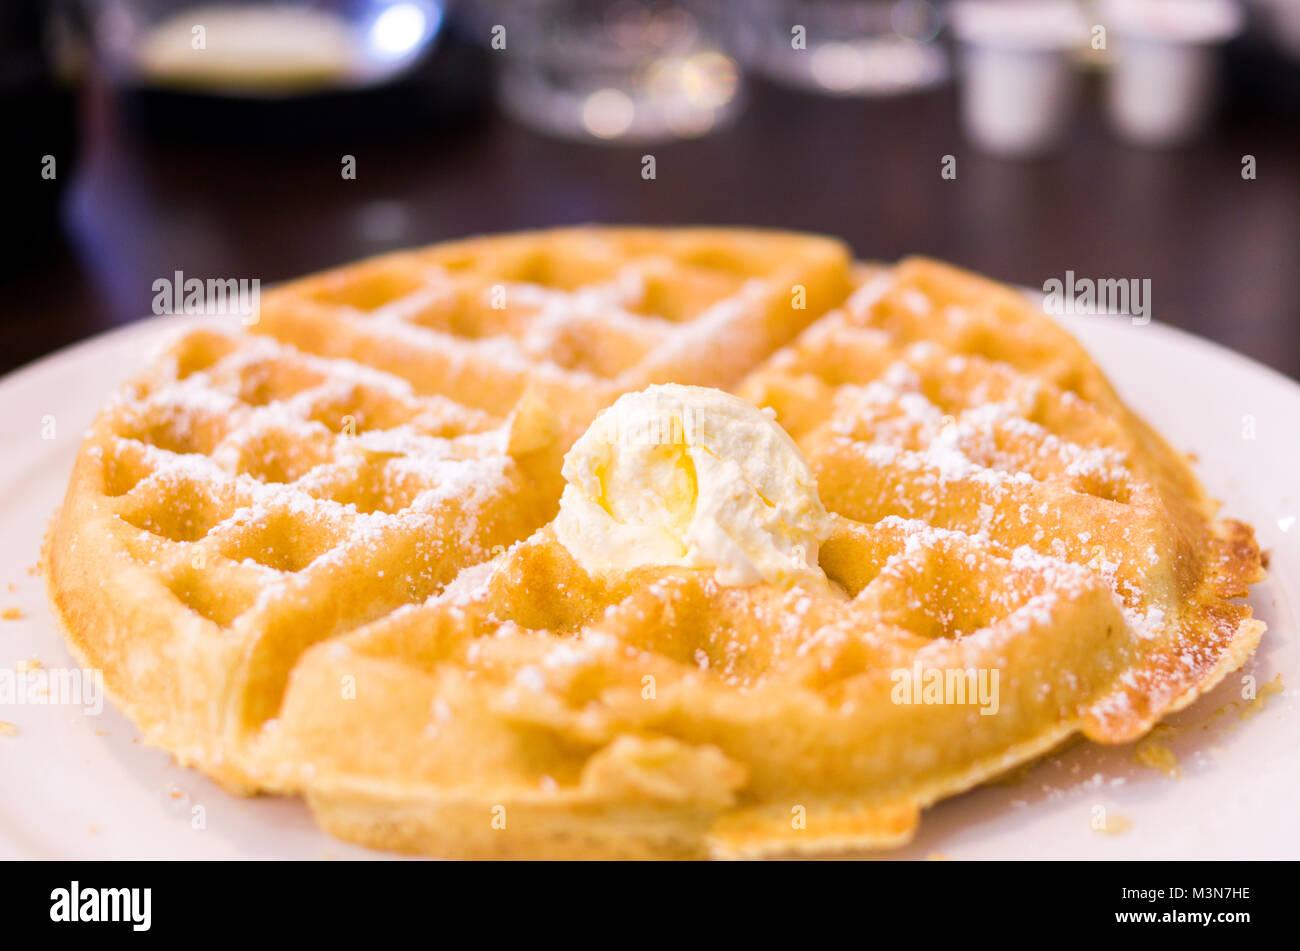 Le petit-déjeuner avec du beurre et de gaufres saupoudrées de sucre en poudre. Un premier repas traditionnel Photo Stock